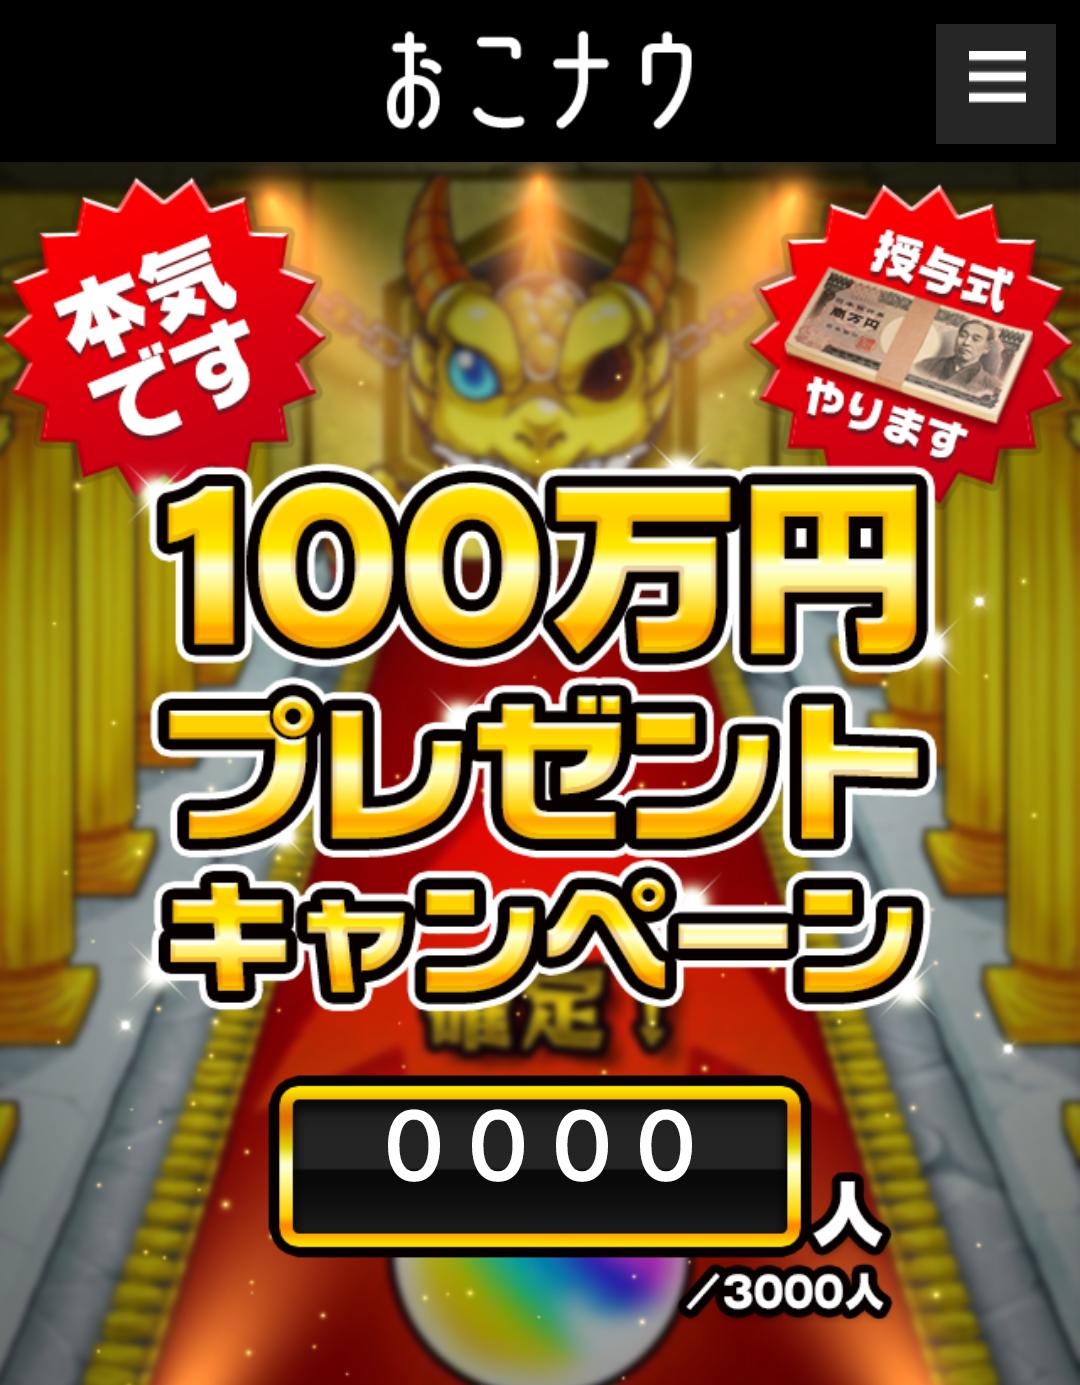 おこナウ/100万円プレゼントキャンペーン